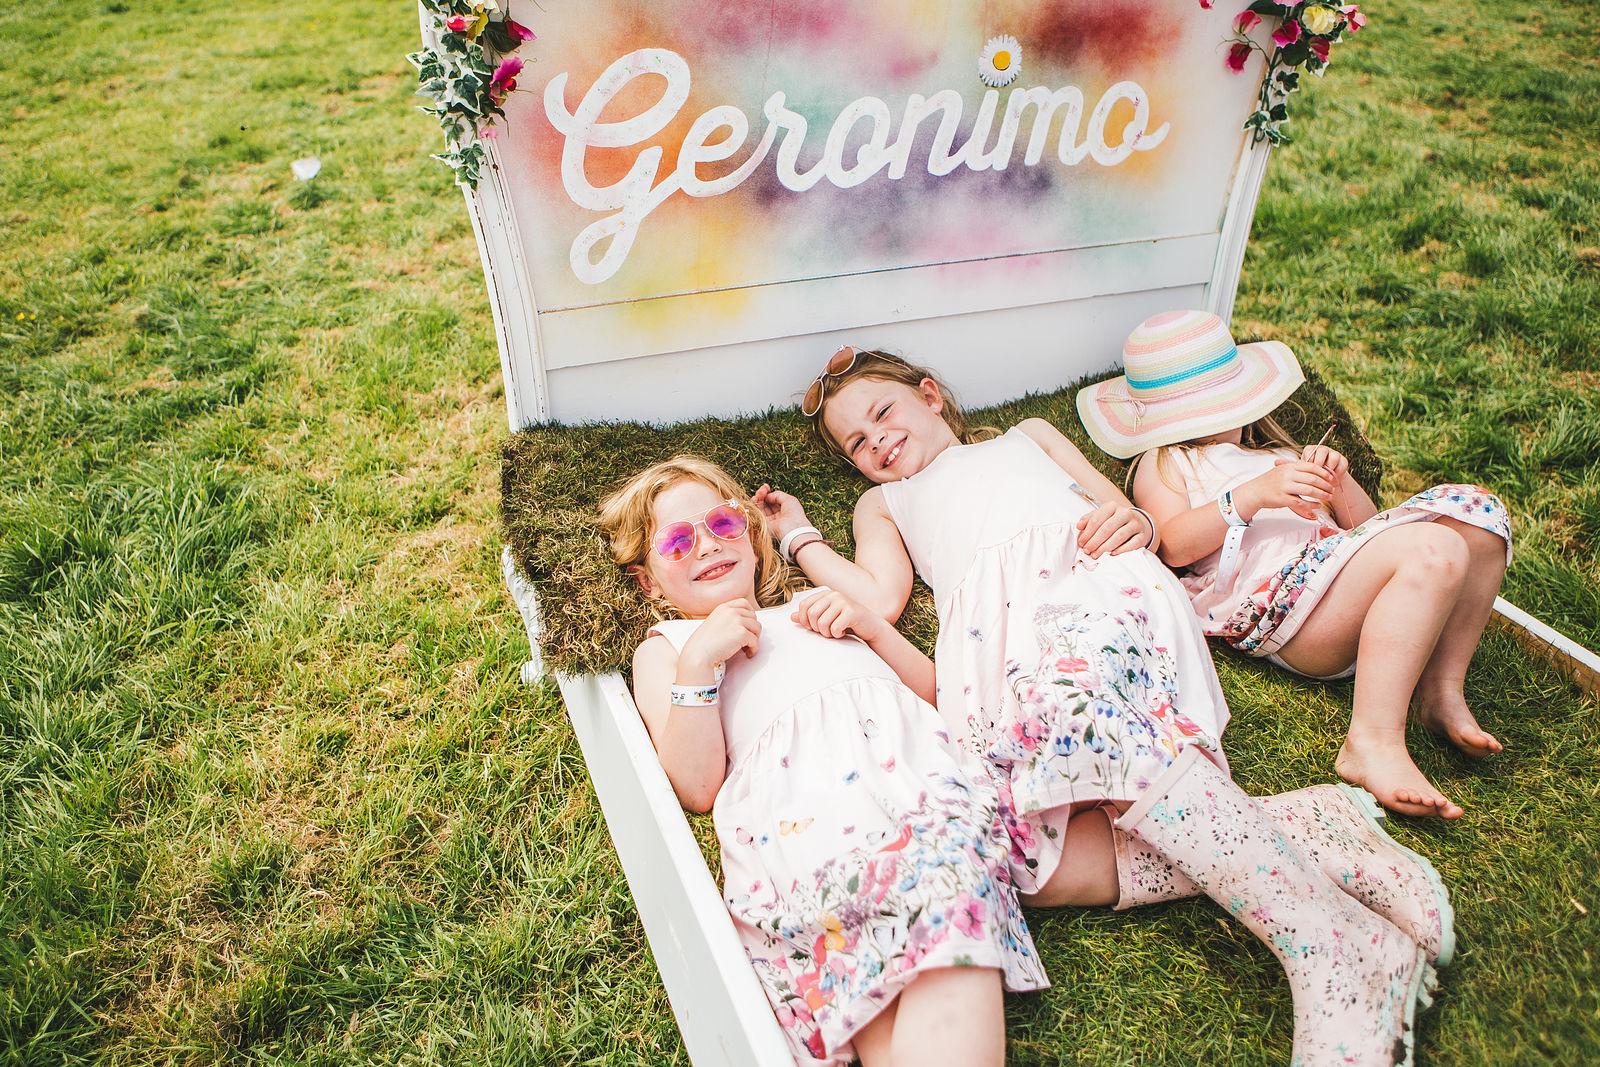 Geronimo 2018